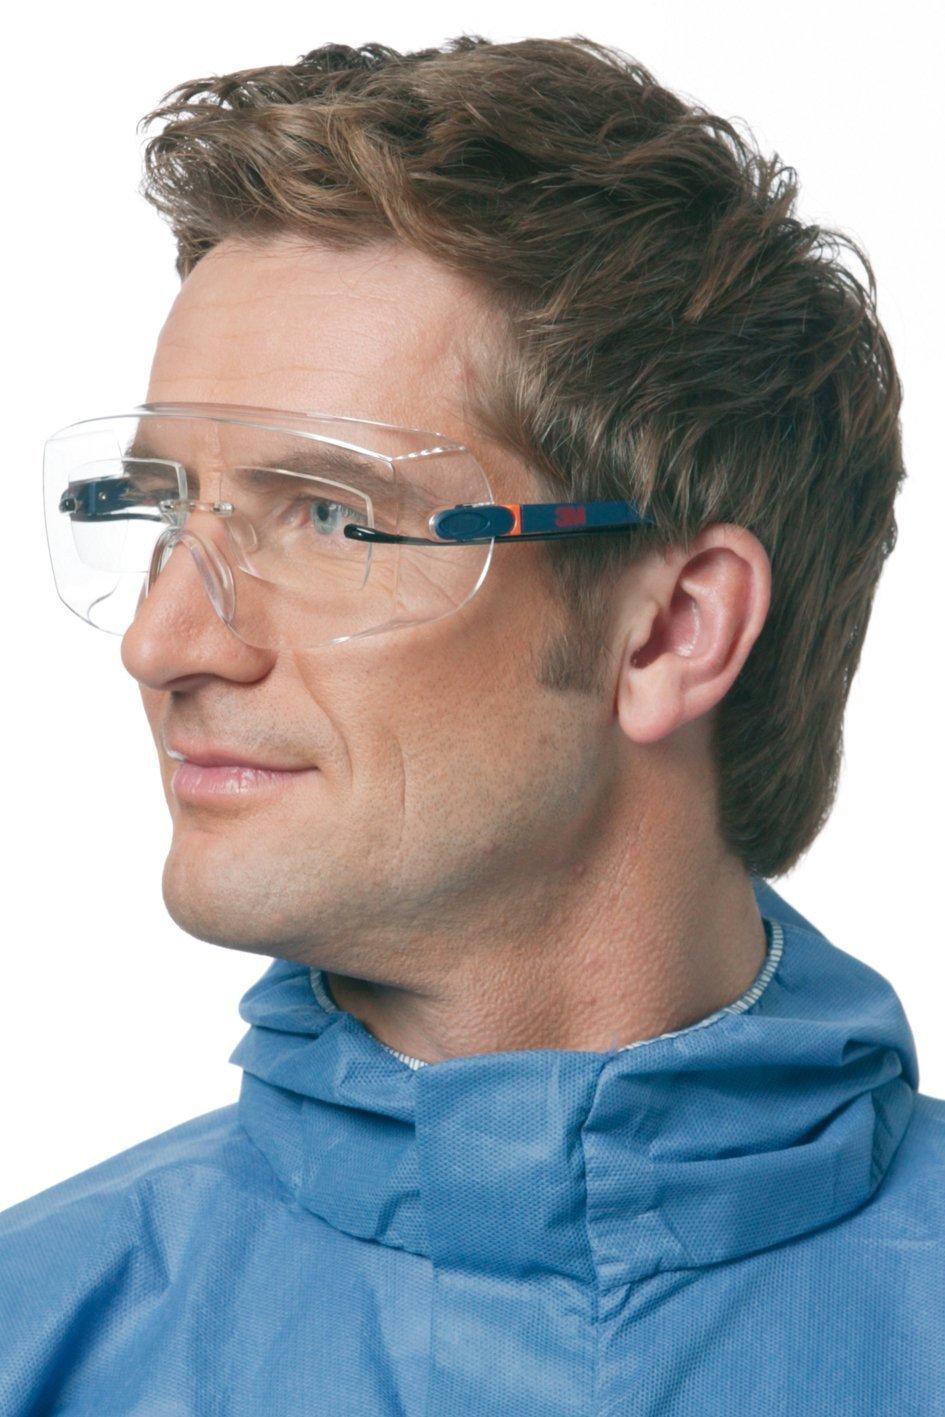 Cubregafas incoloro diseñado para cubrir todo tipo de gafas.